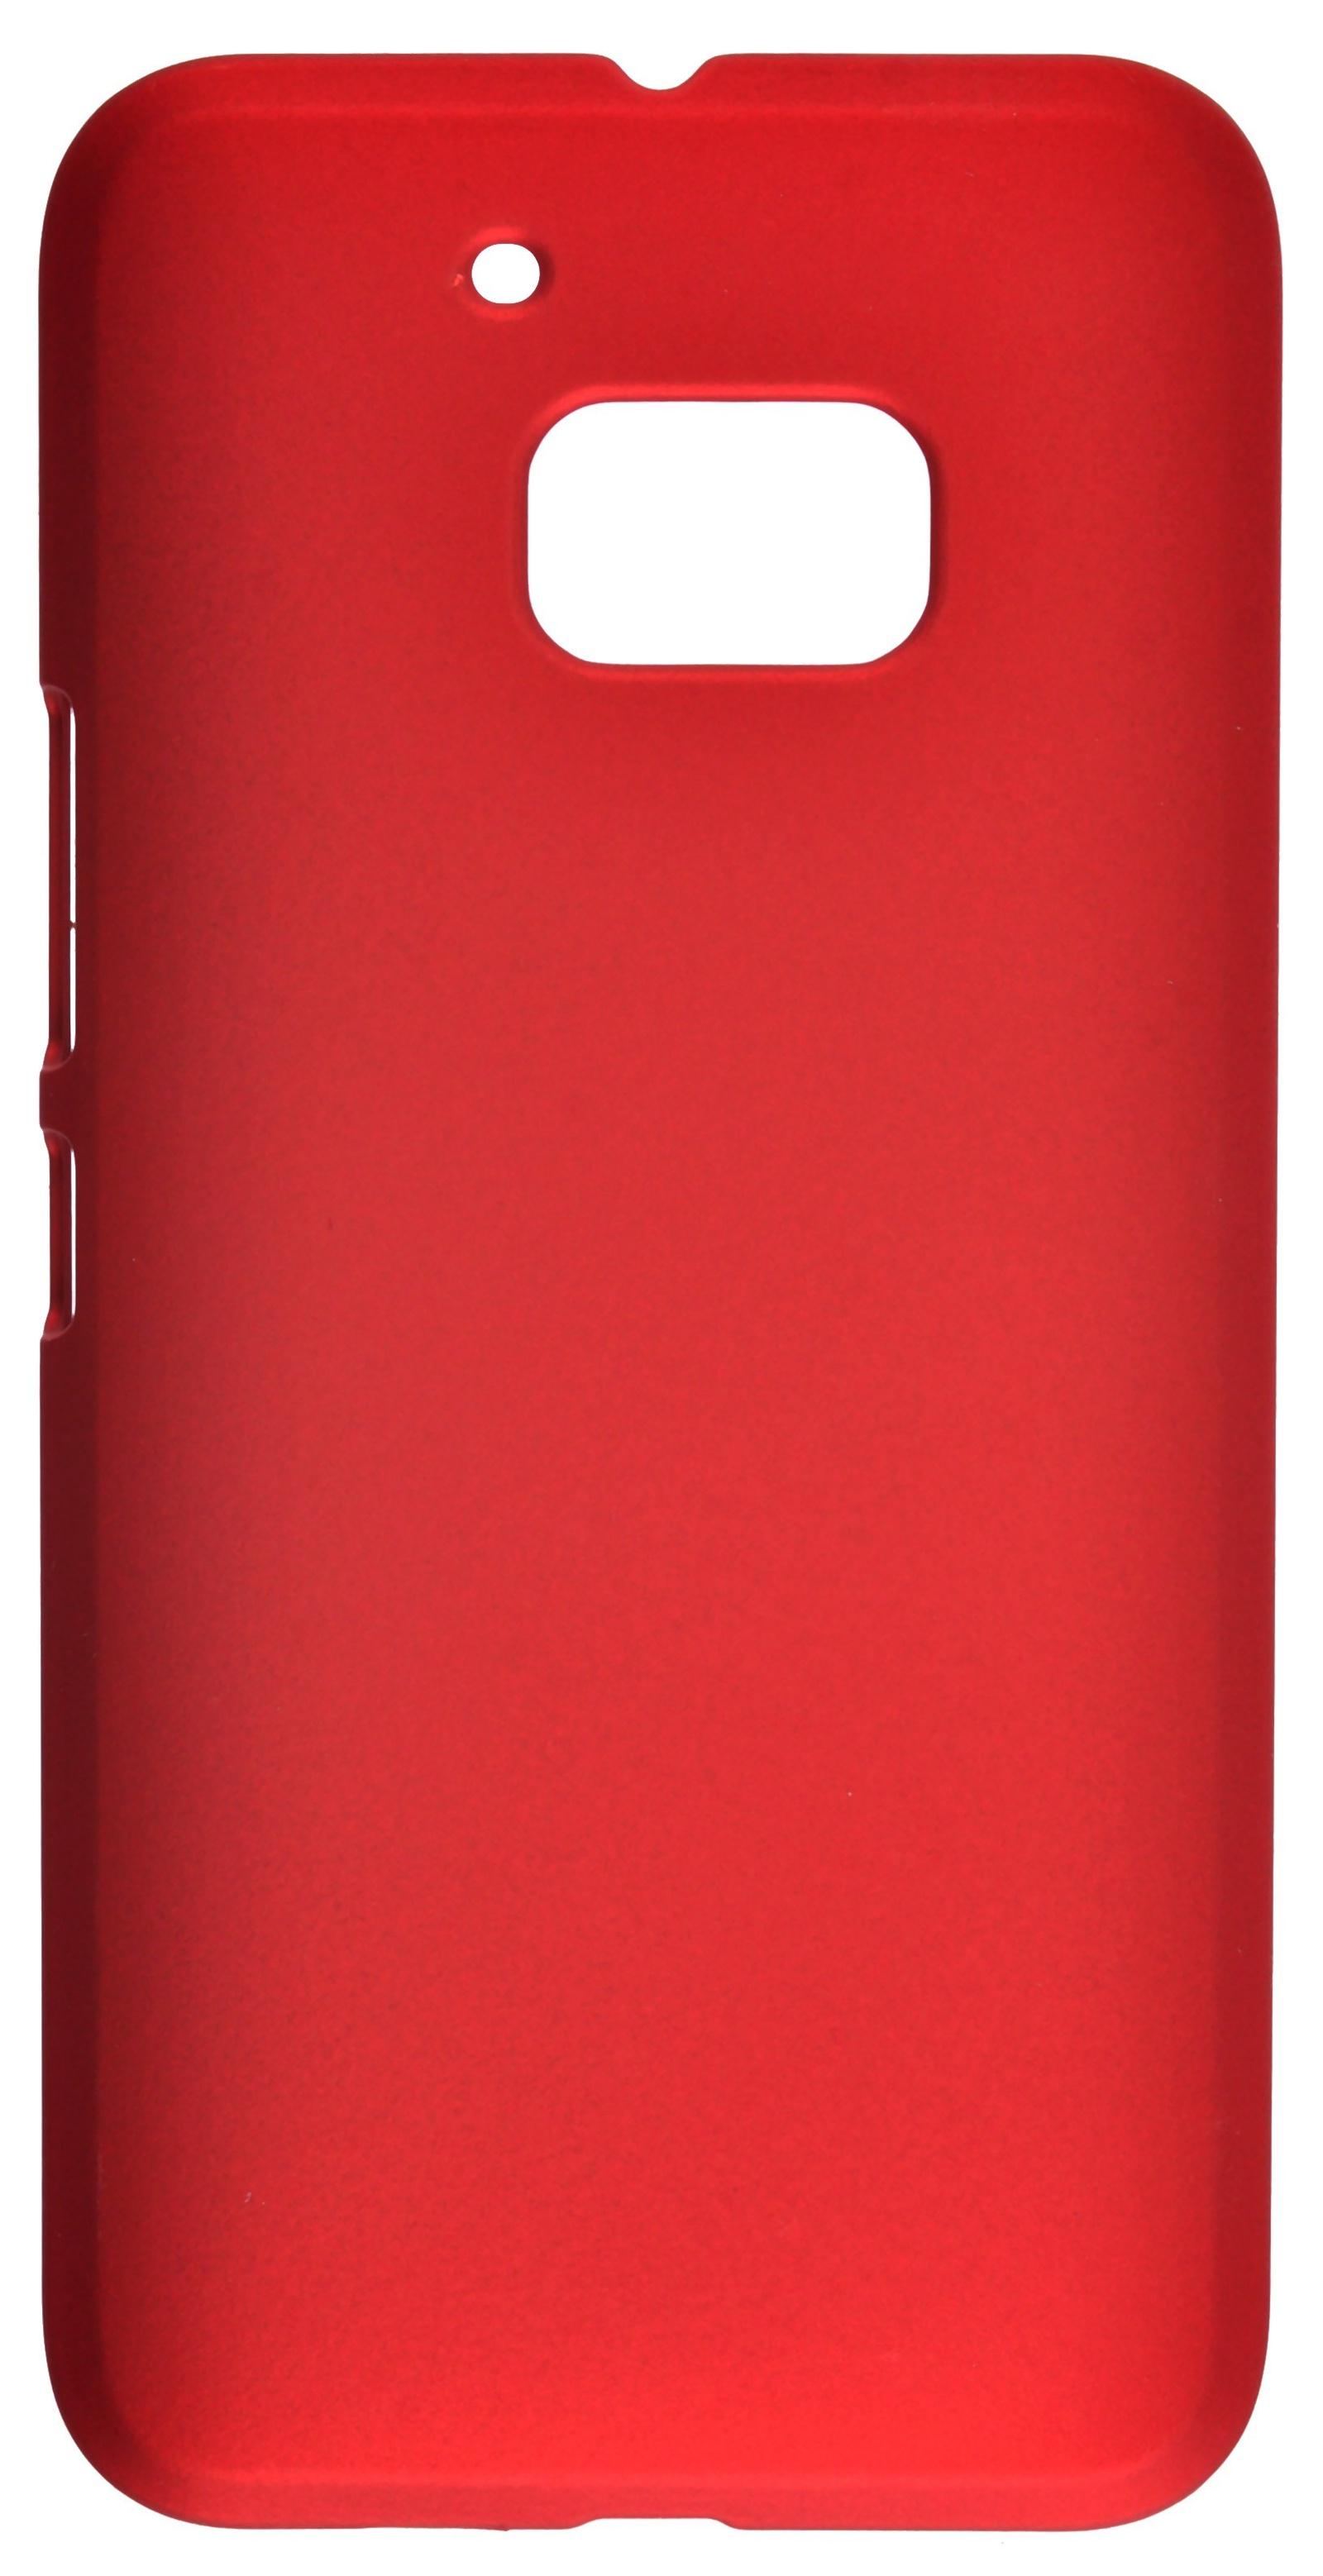 Чехол для сотового телефона skinBOX 4People, 4630042529229, красный цена